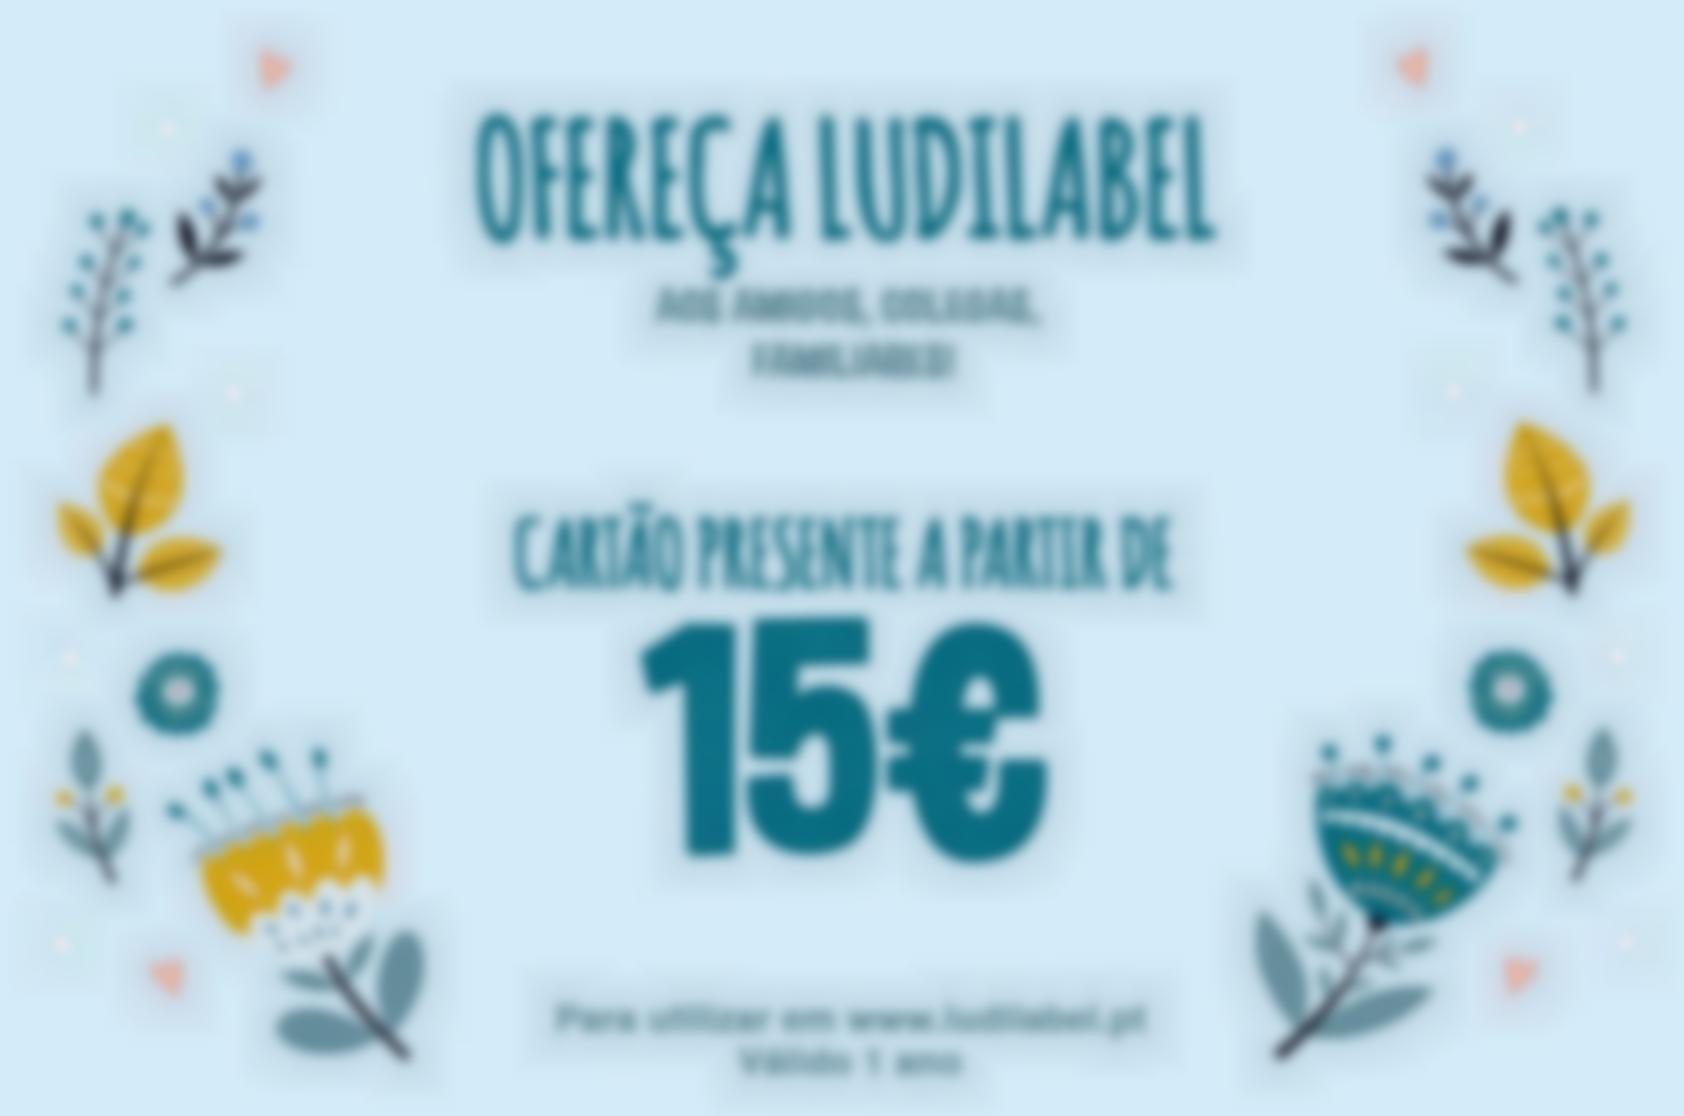 Offrez Ludilabel à la famille et aux amis dès 15 euros la carte cadeau valable 1 an.